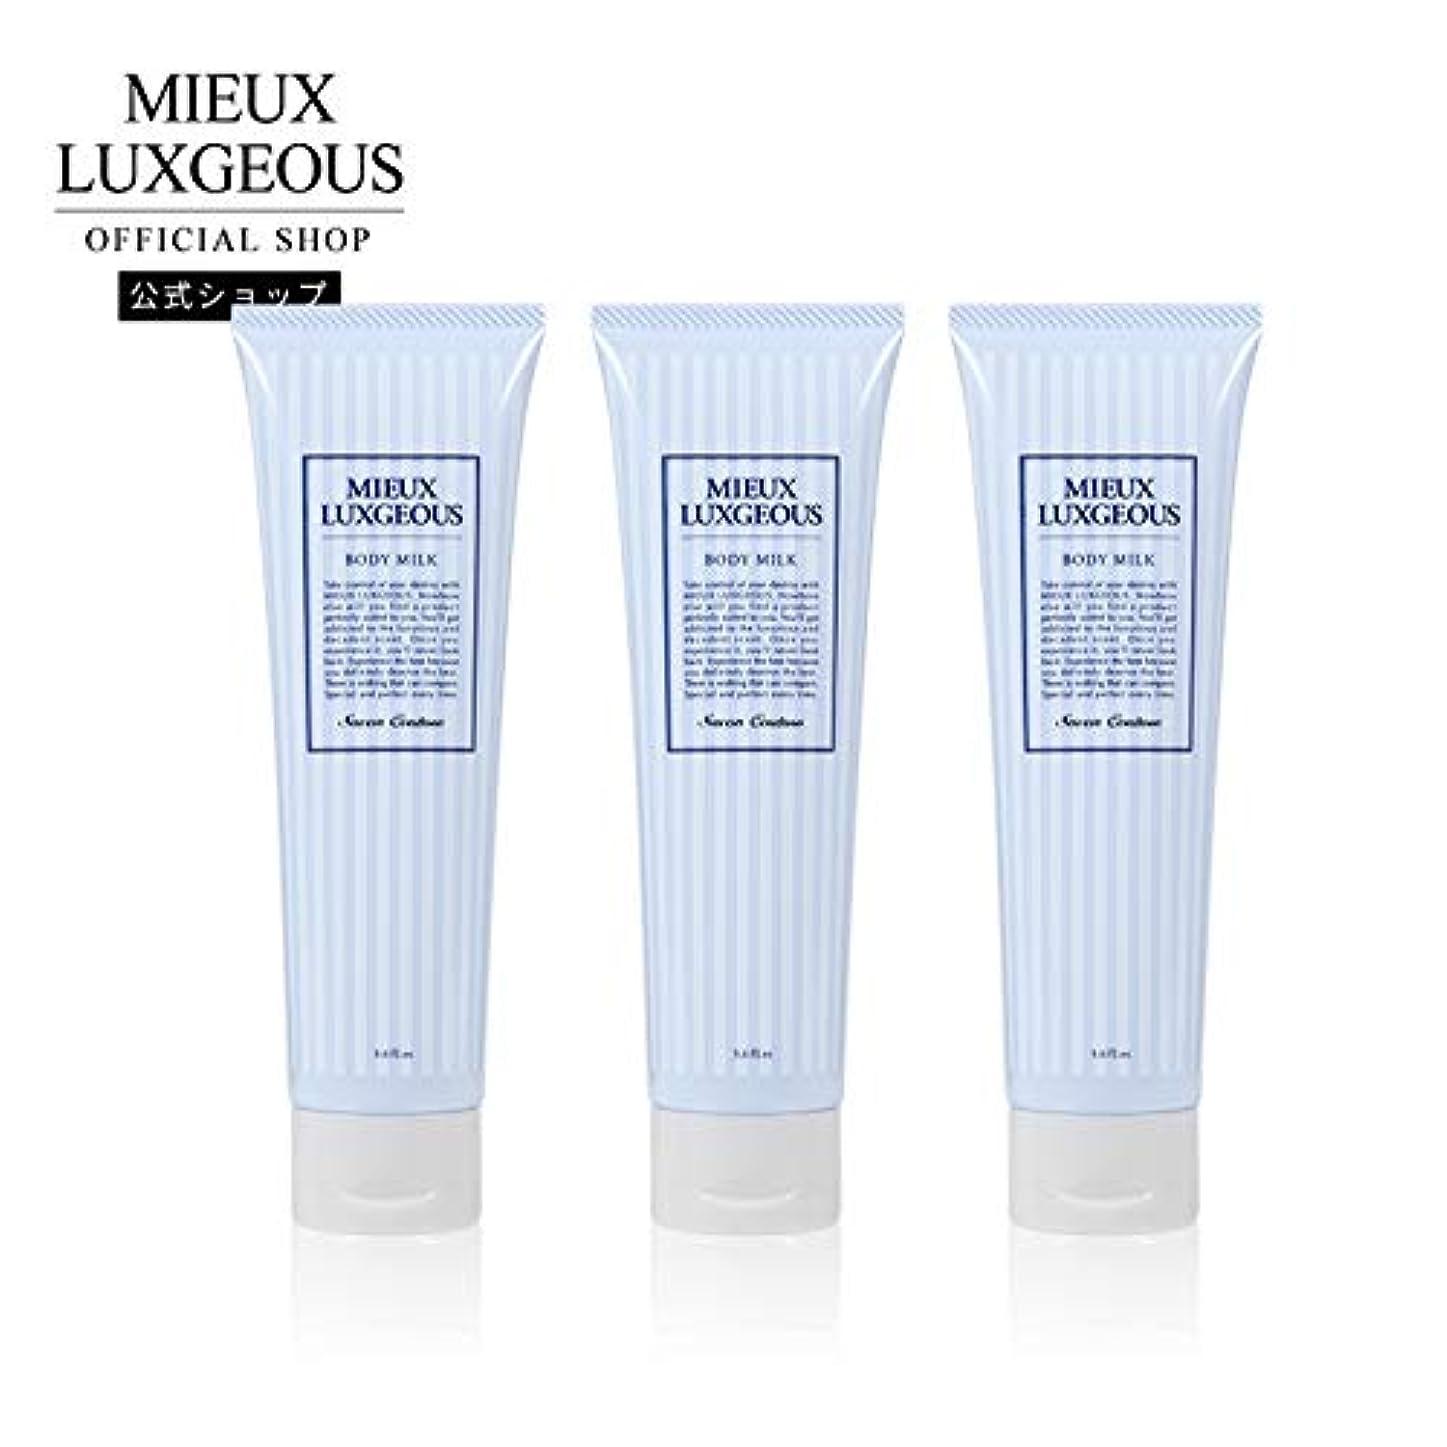 反応するランダム見分けるミューラグジャス ボディミルク Savon Coutureの香り 3本セット